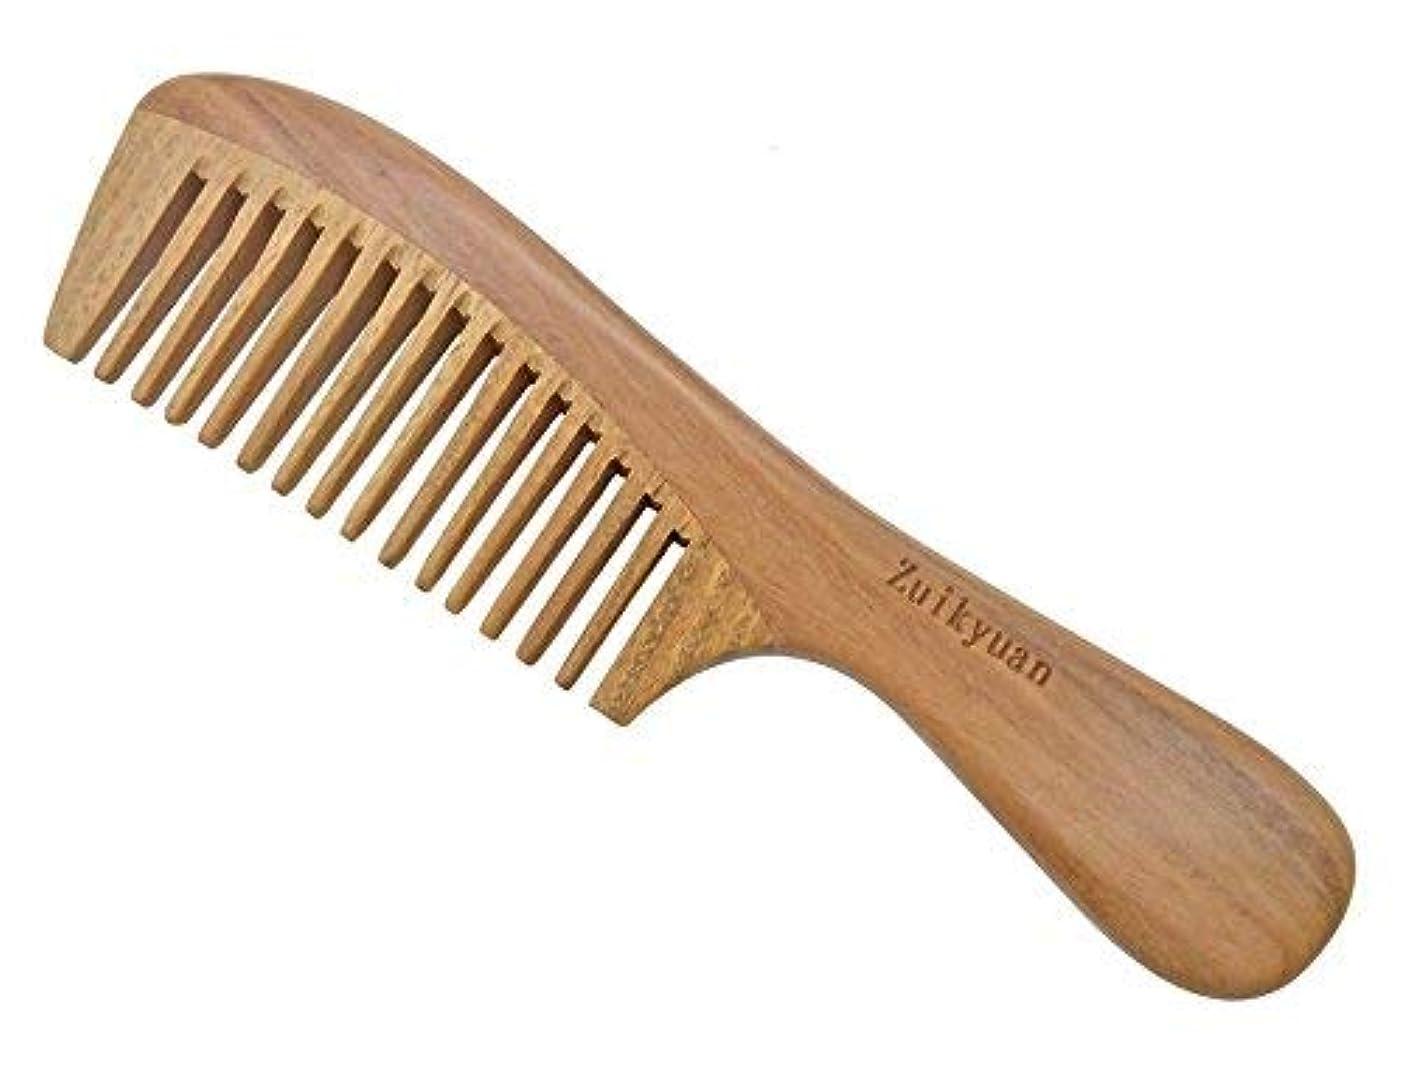 のヒープオーストラリア洗練されたSandalwood Wide Tooth Hair Comb Handmade Wooden comb with Premium Gift Box [並行輸入品]